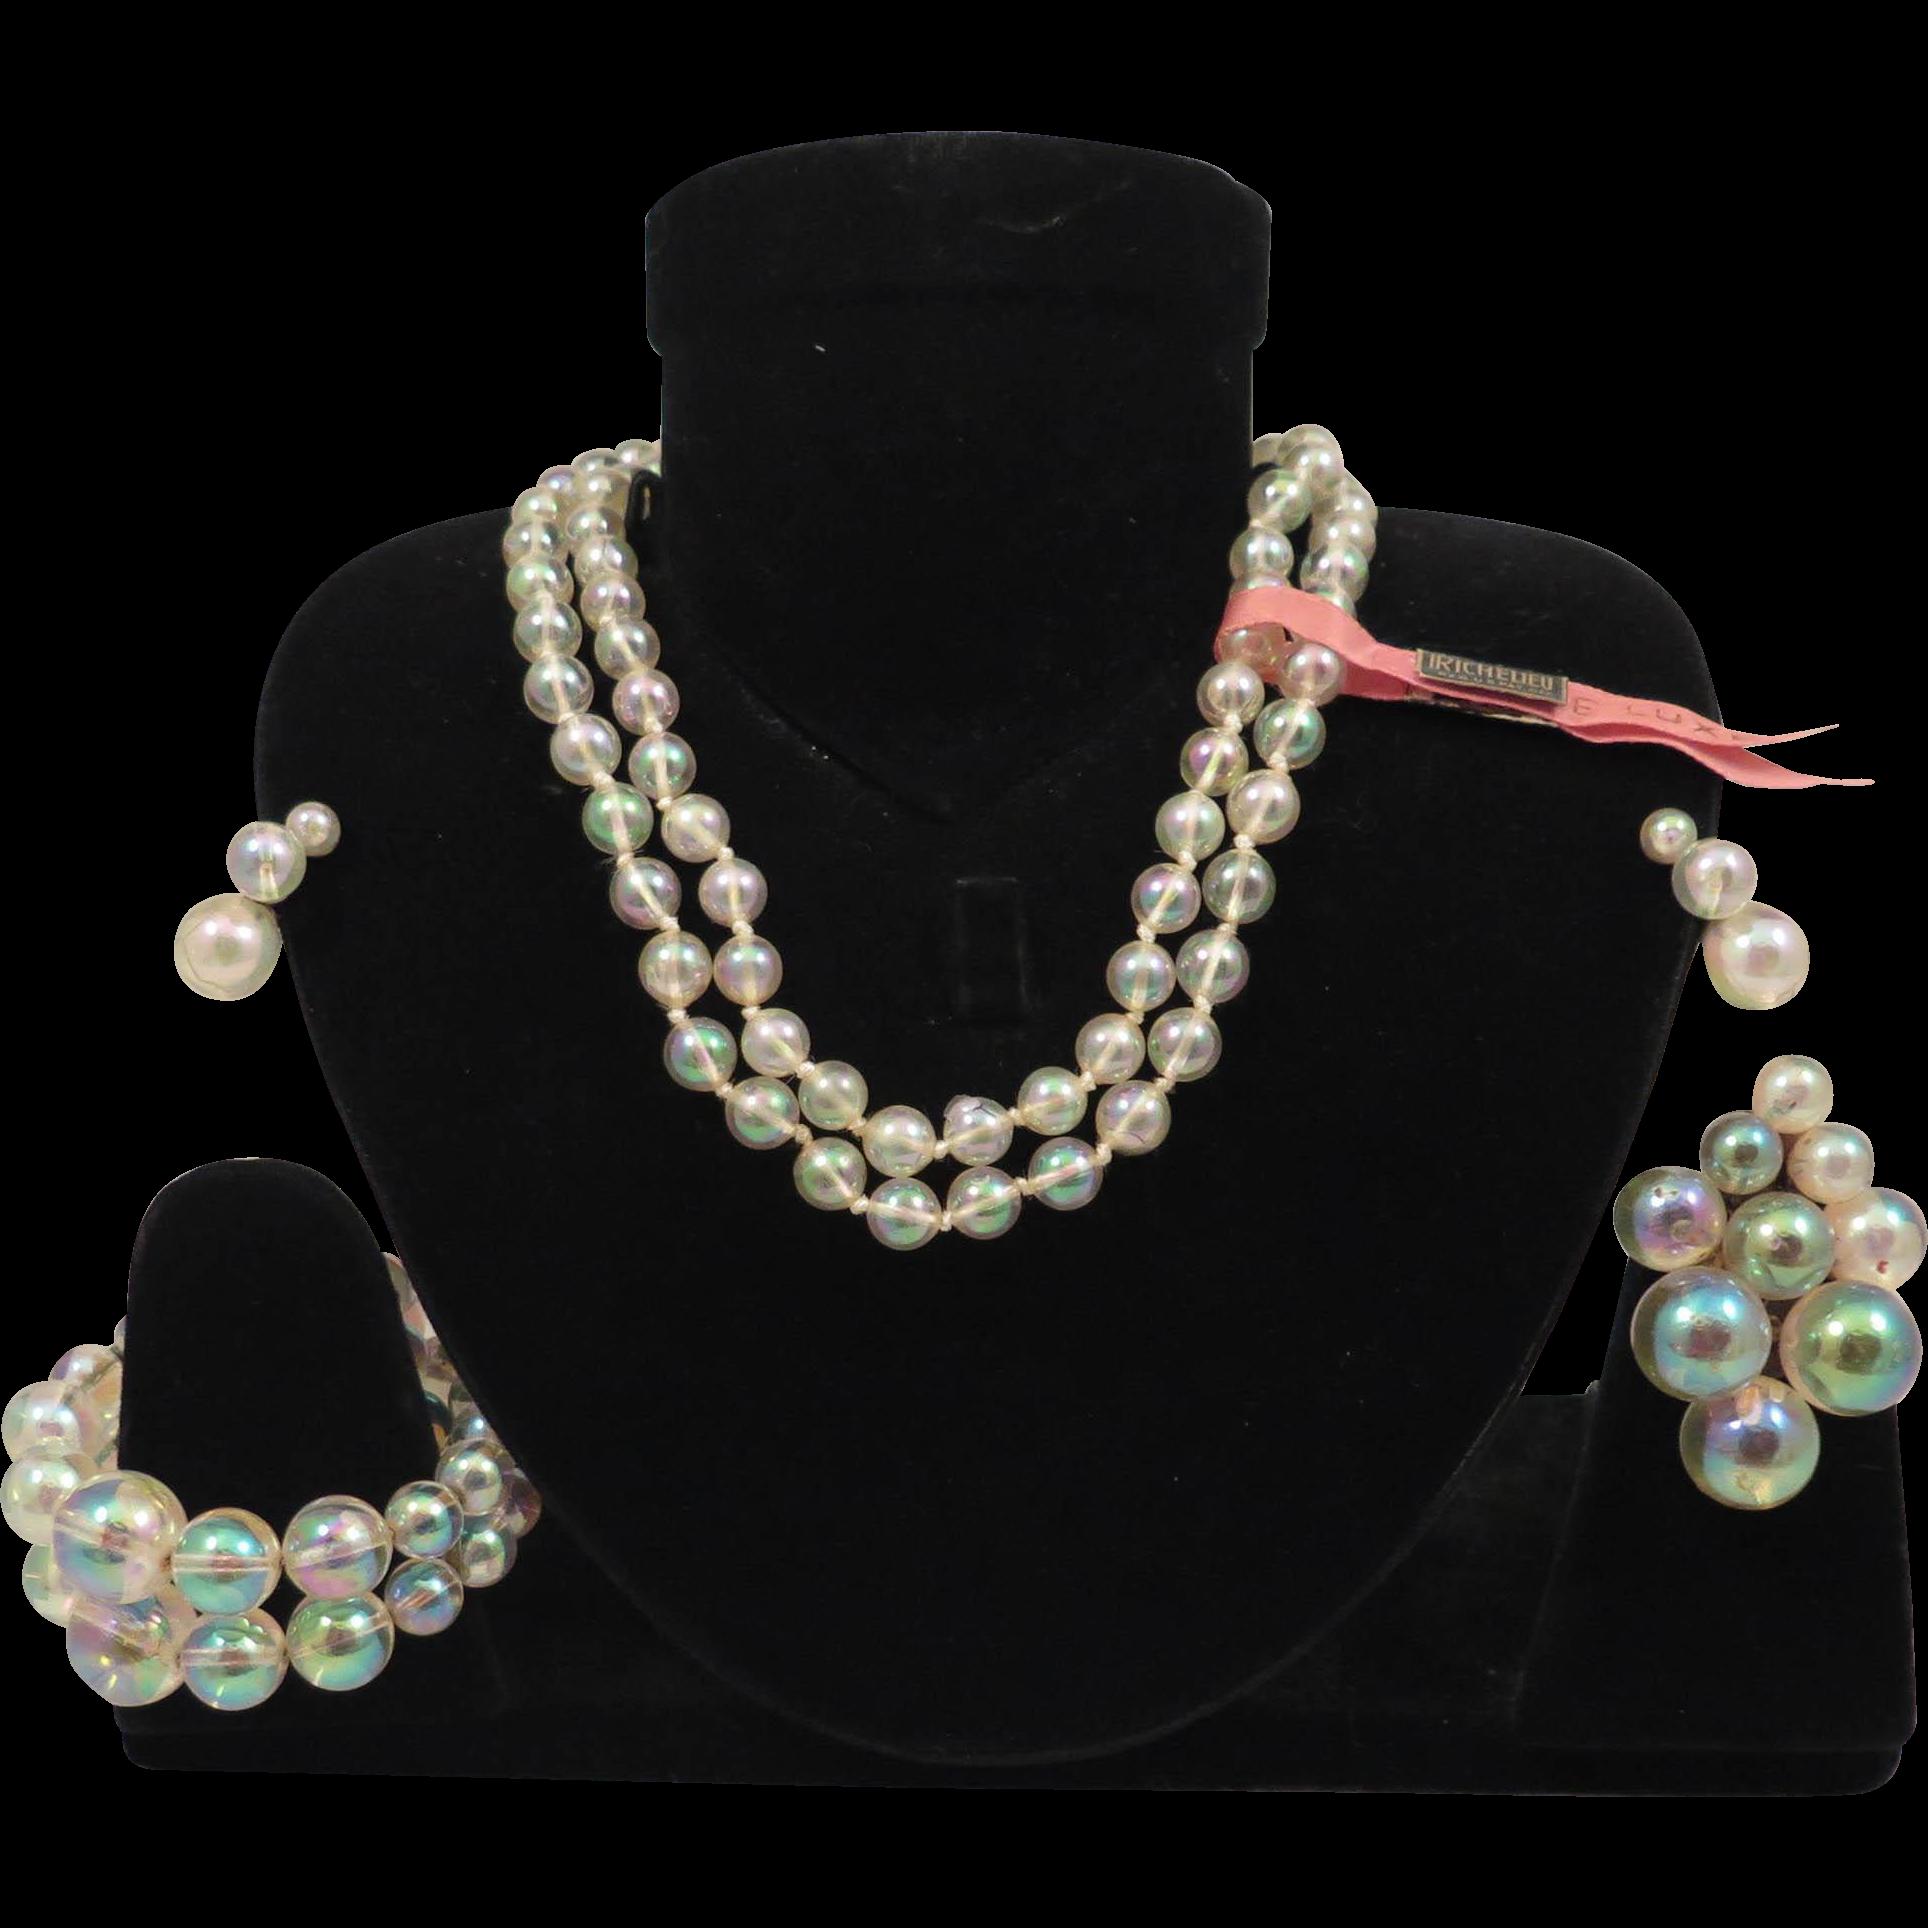 Vintage Bubble Parure Set Necklace, Earrings, Bracelet, Clip Richelieu Iridelle